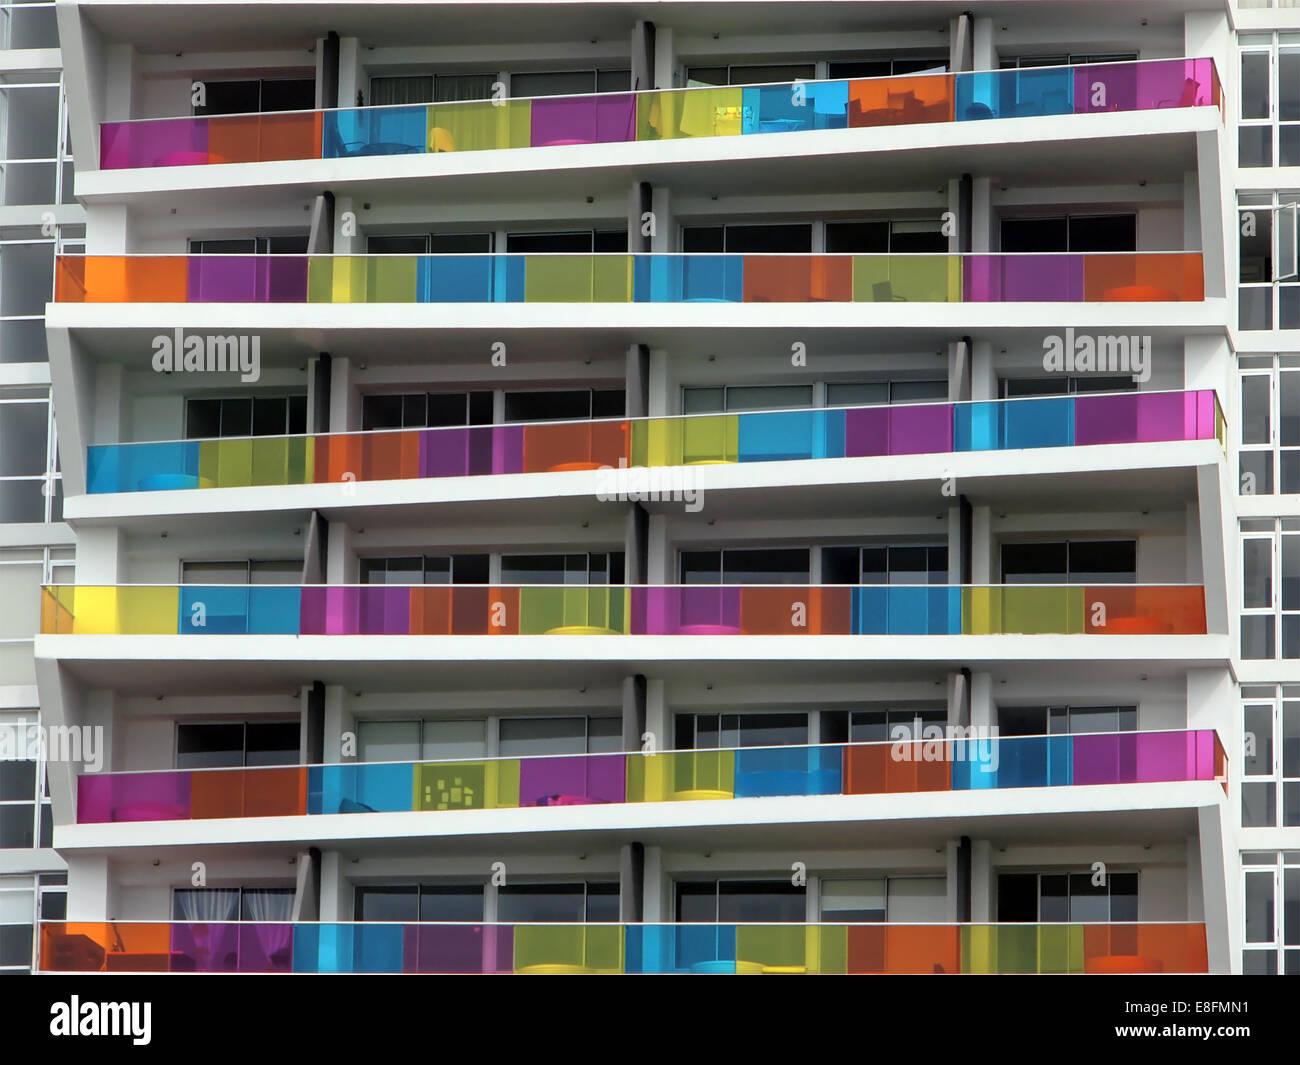 Edificio de apartamentos con balcón colorido Imagen De Stock